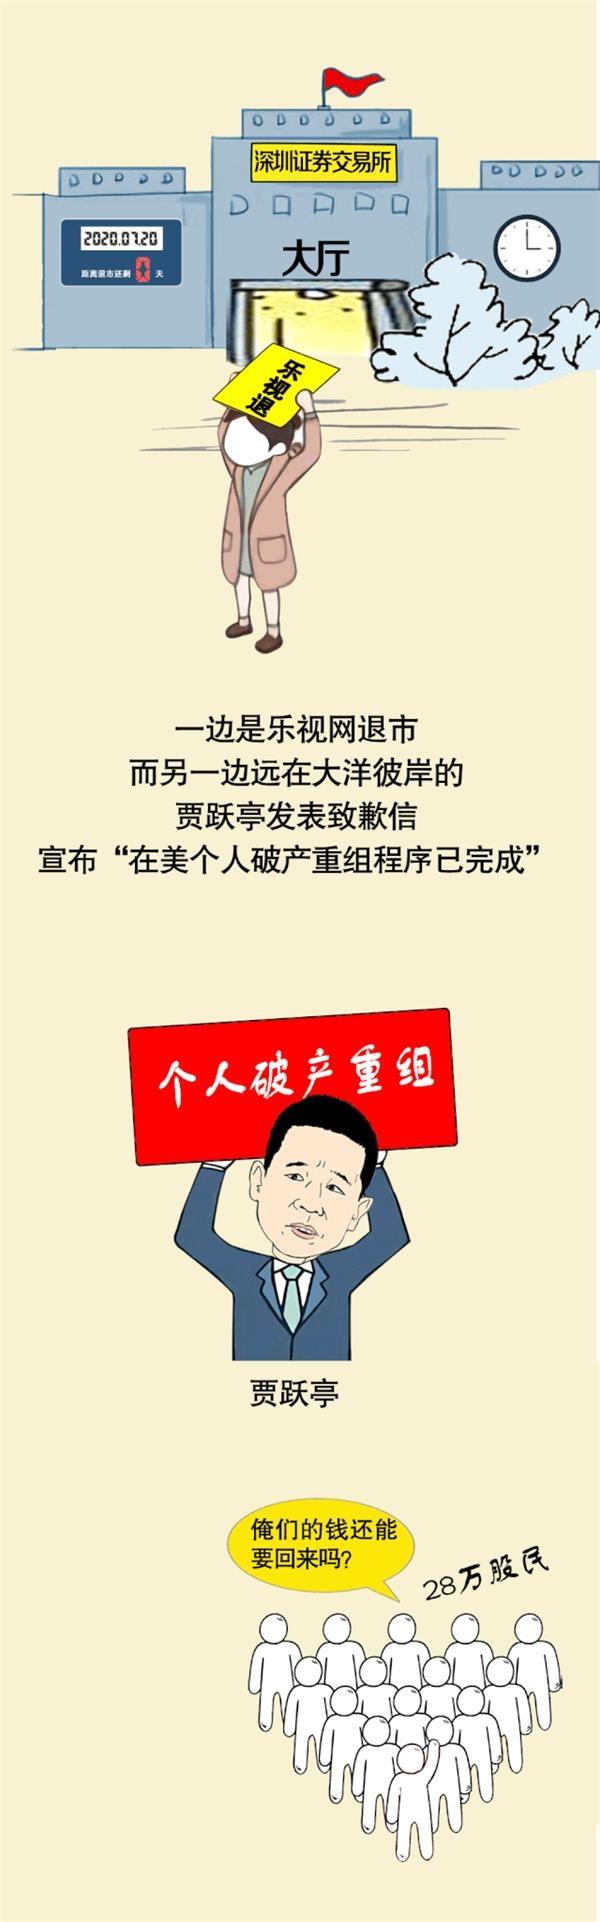 """贾跃亭破产 乐视网退市 """"贾忽悠""""还能逆转吗?"""